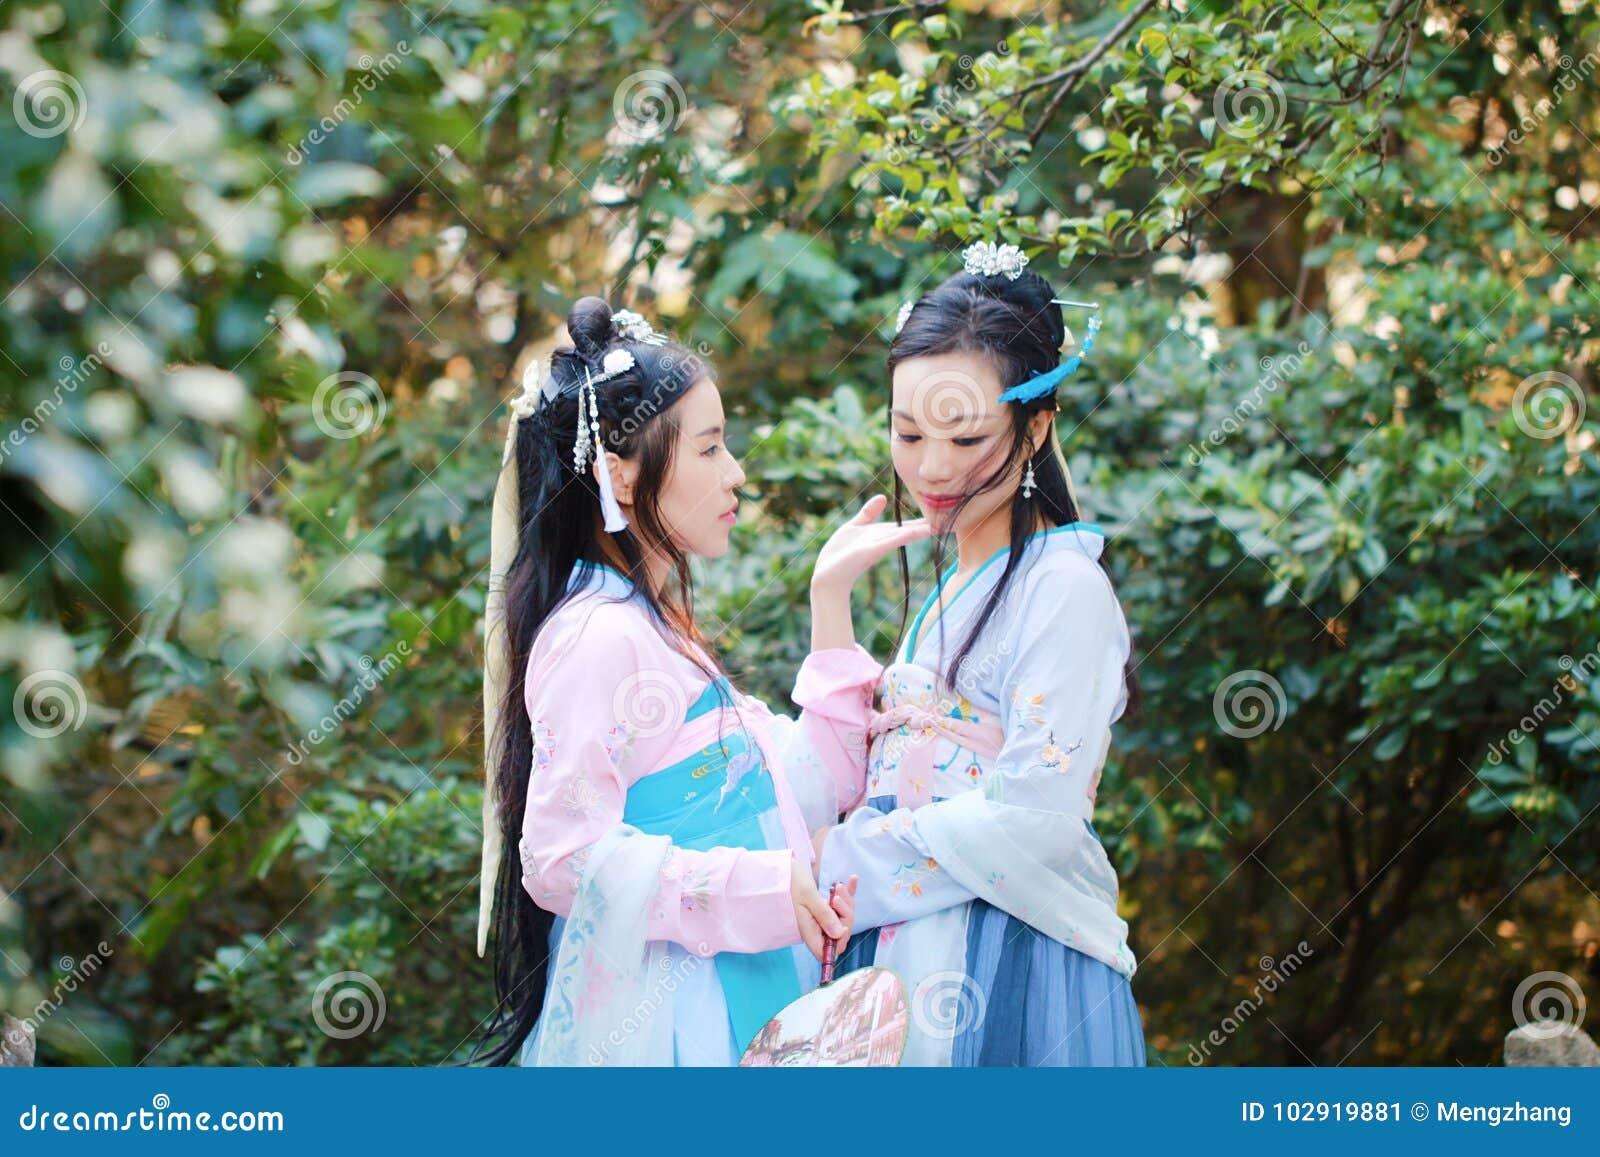 Στενές φίλες bestie στο κινεζικό παραδοσιακό αρχαίο κοστούμι